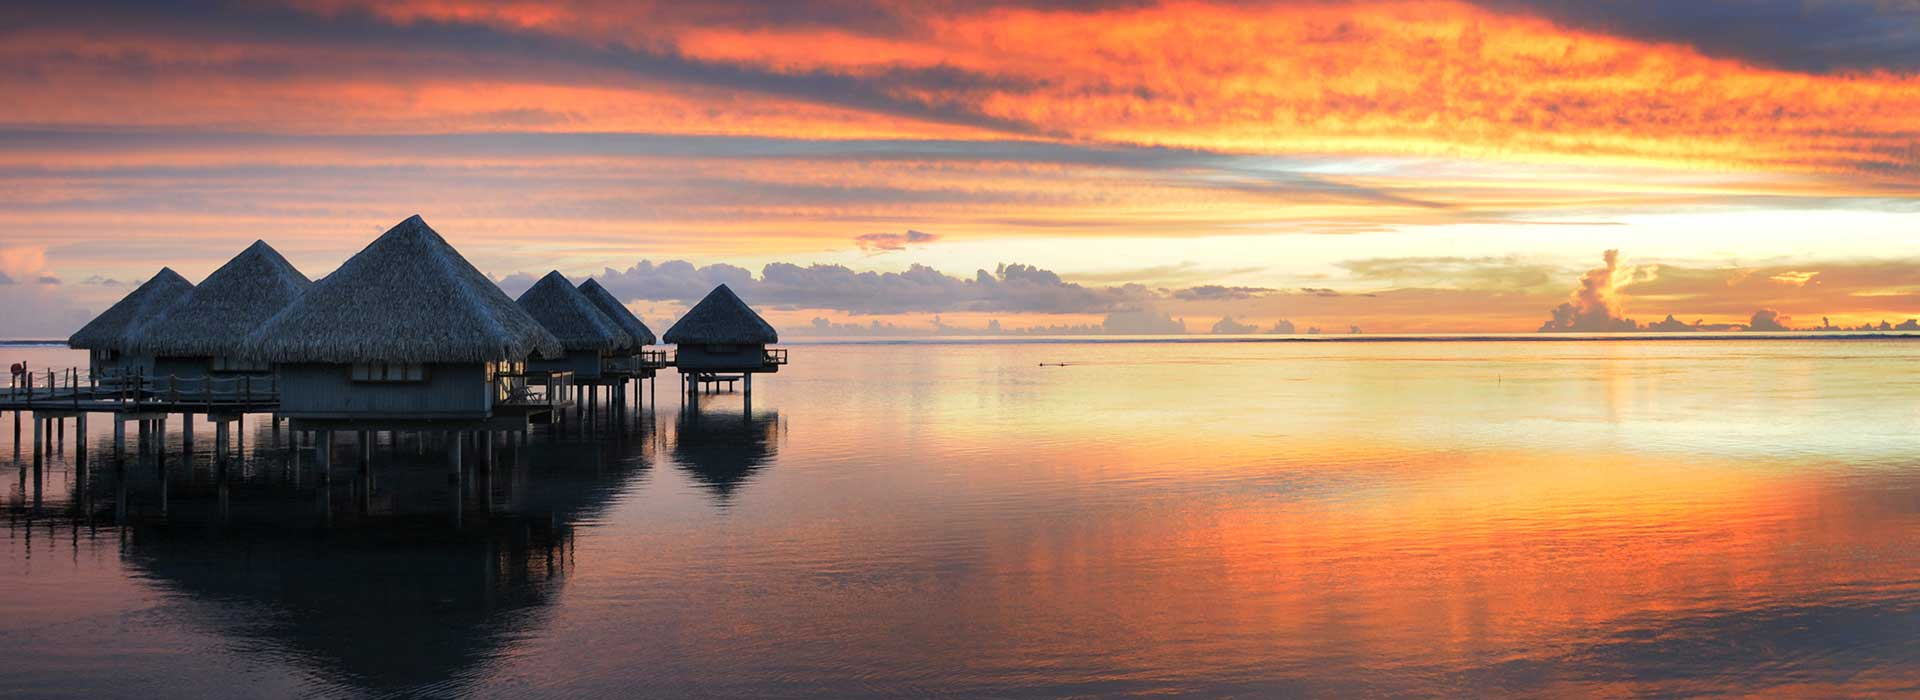 DL2A_Le_Meridien_Tahiti_1